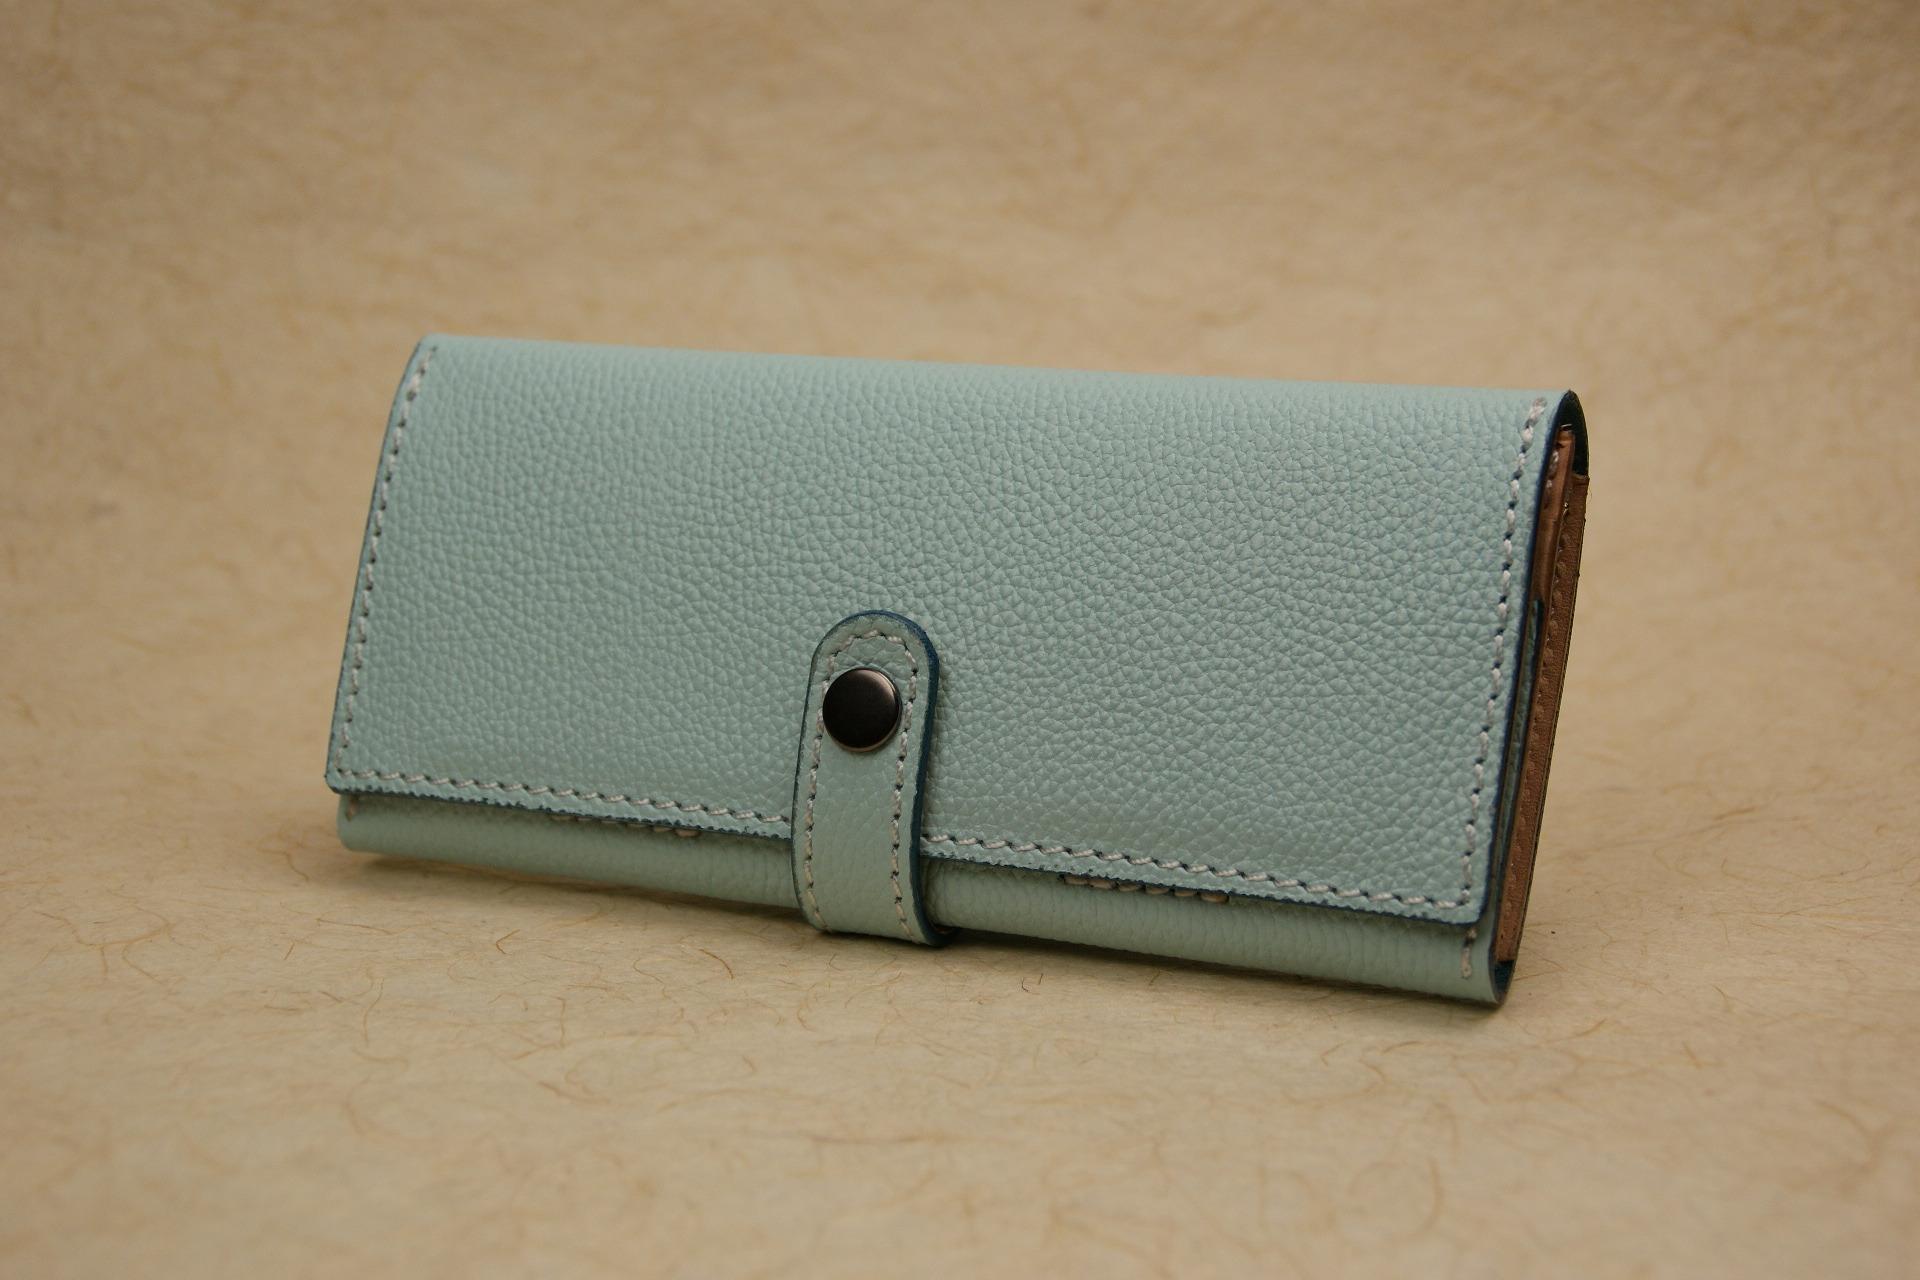 スリムな長財布 水色 牛革エンボス Leather wallet